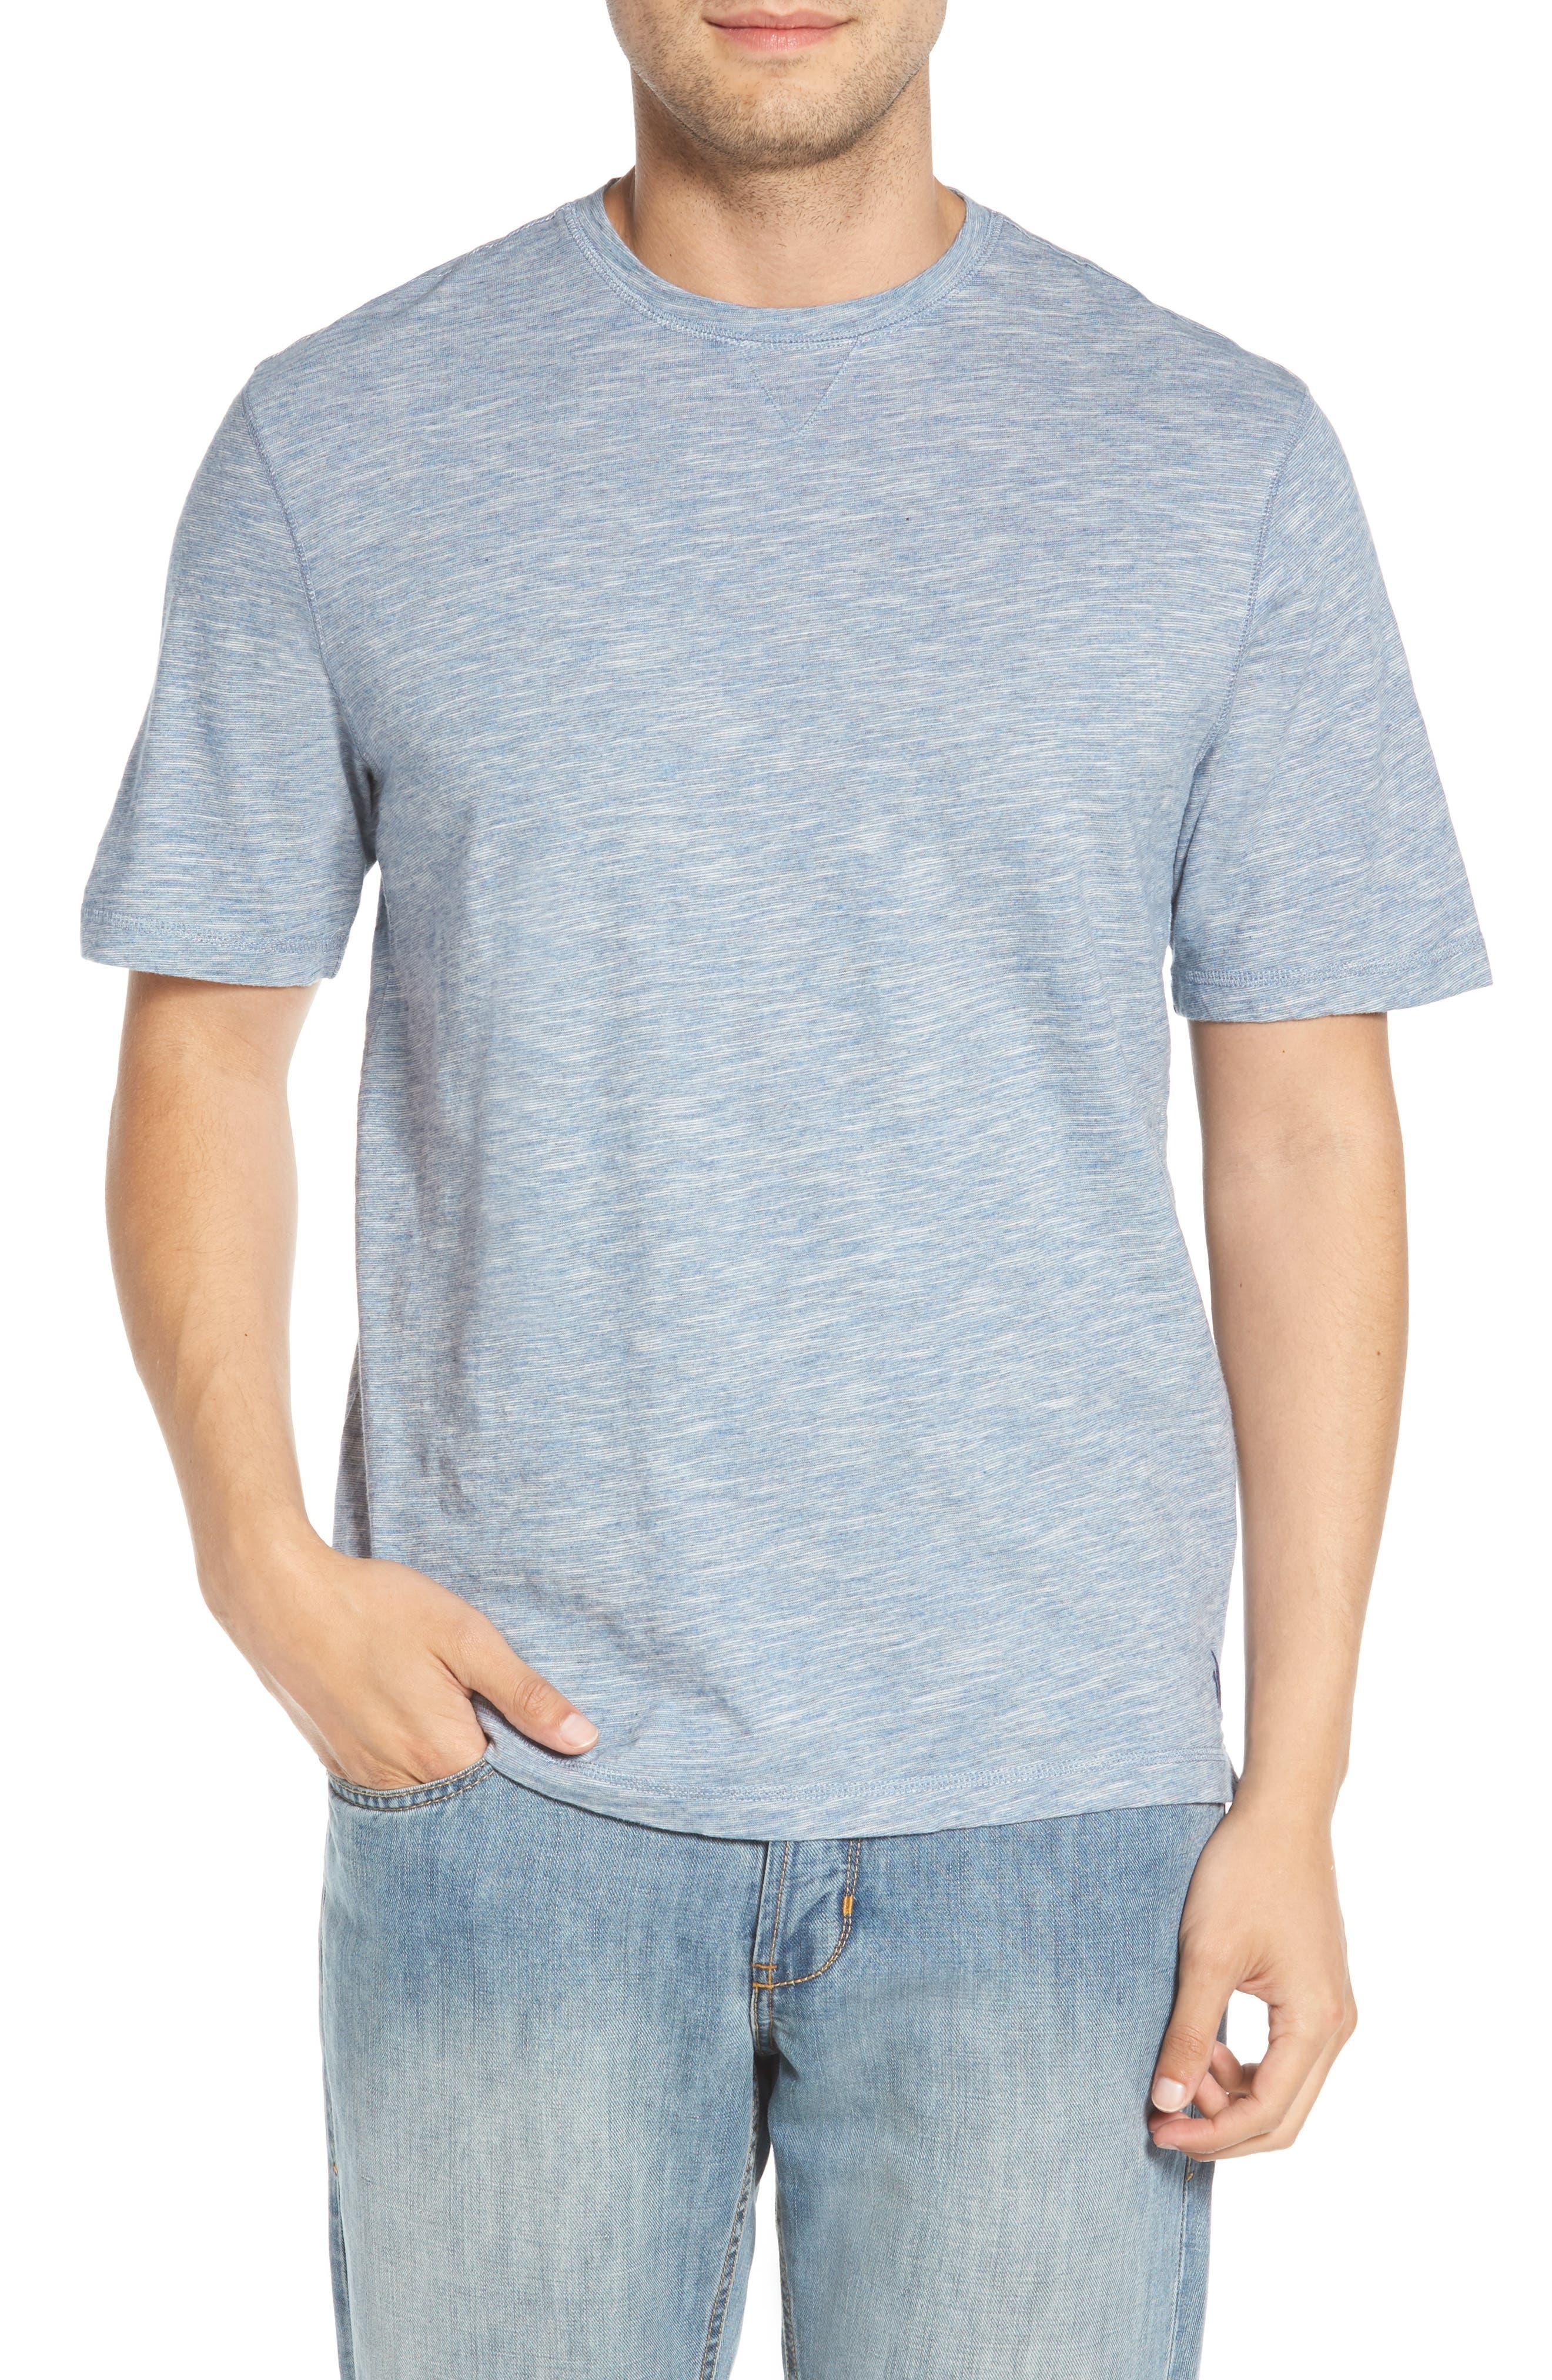 Slubbie Regular Fit Crewneck T-Shirt,                             Main thumbnail 1, color,                             021